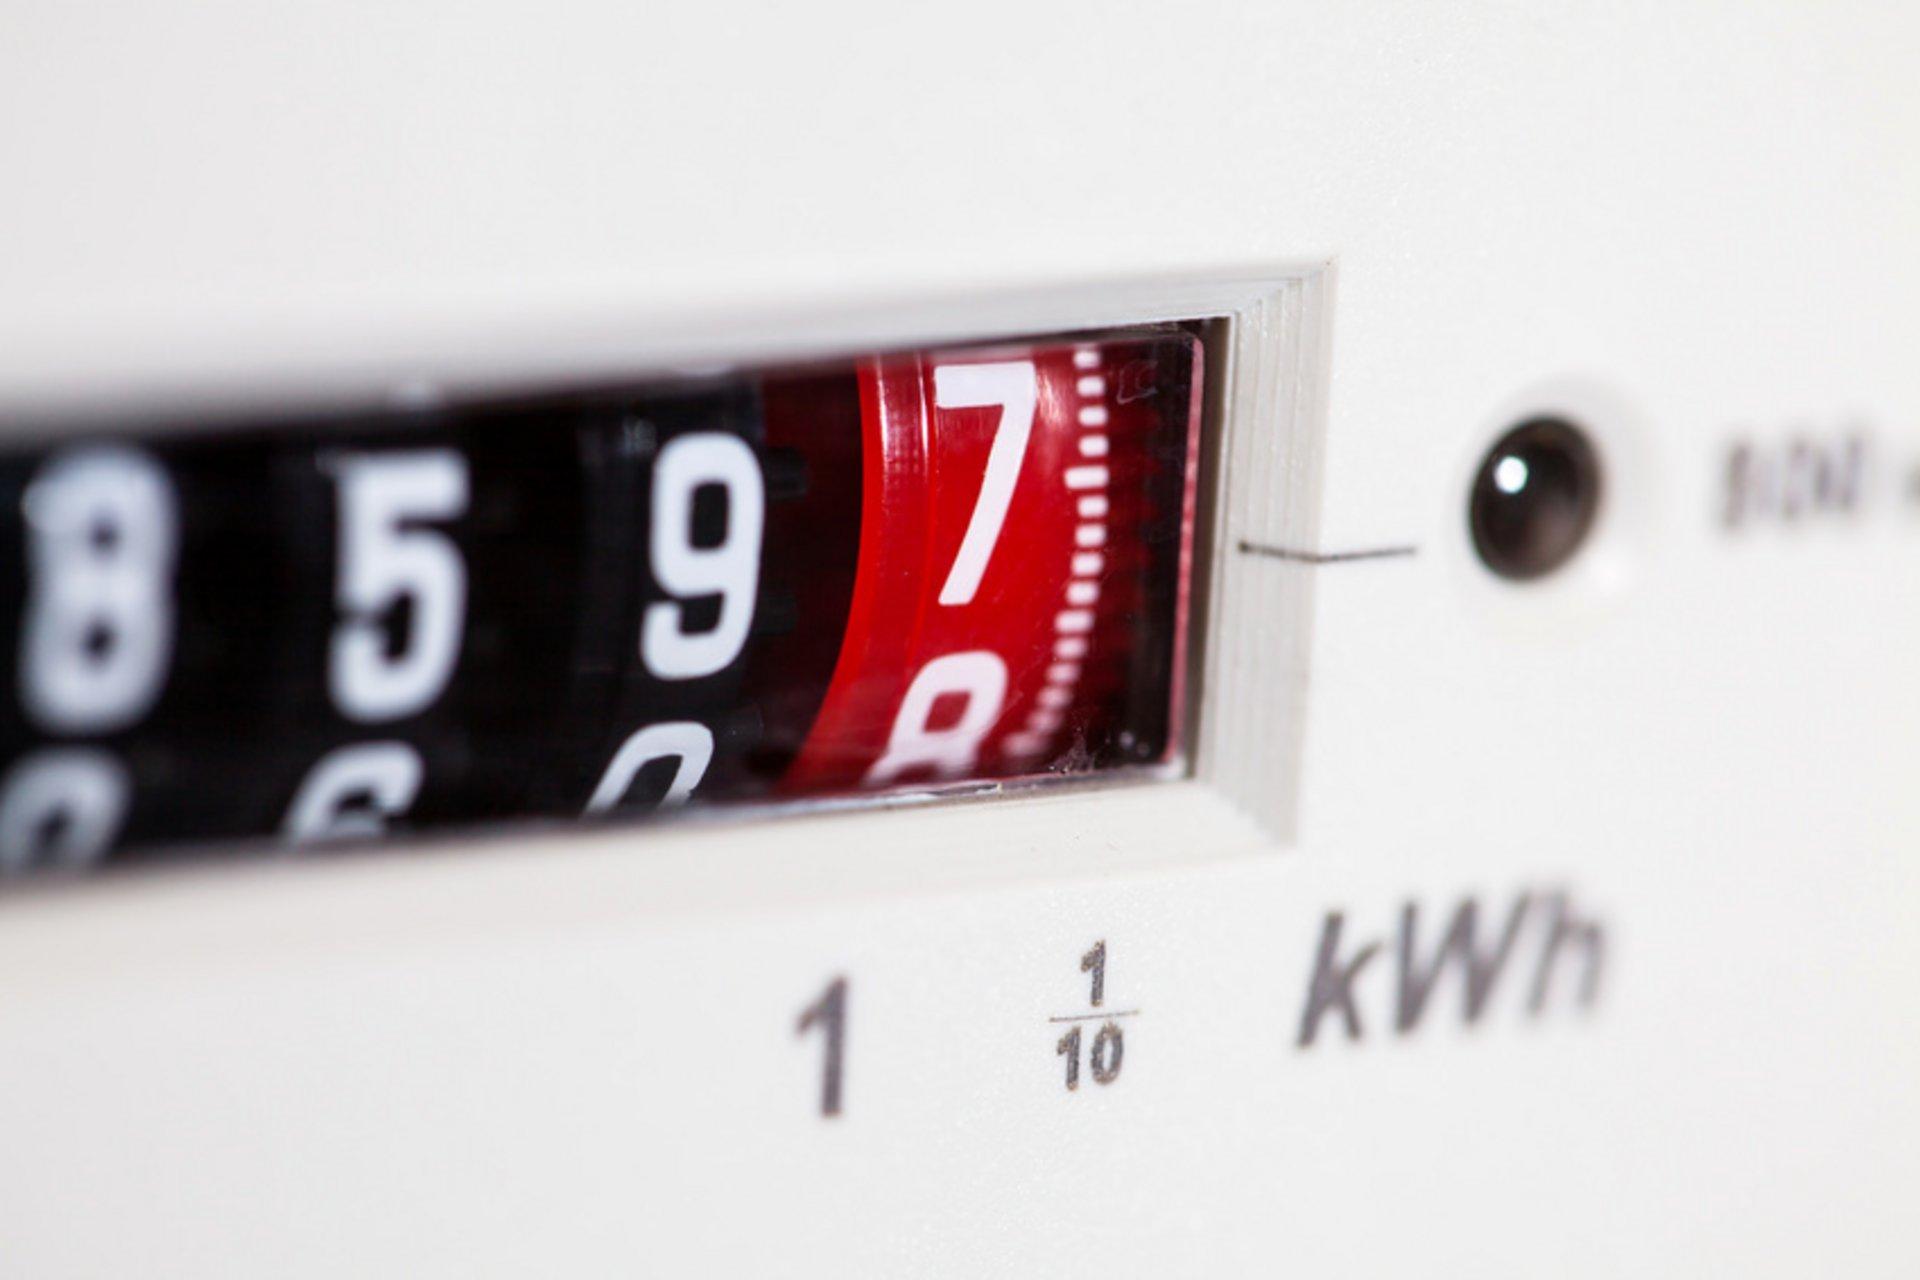 Lohnt sich eine PV-Anlage für mein Unternehmen?